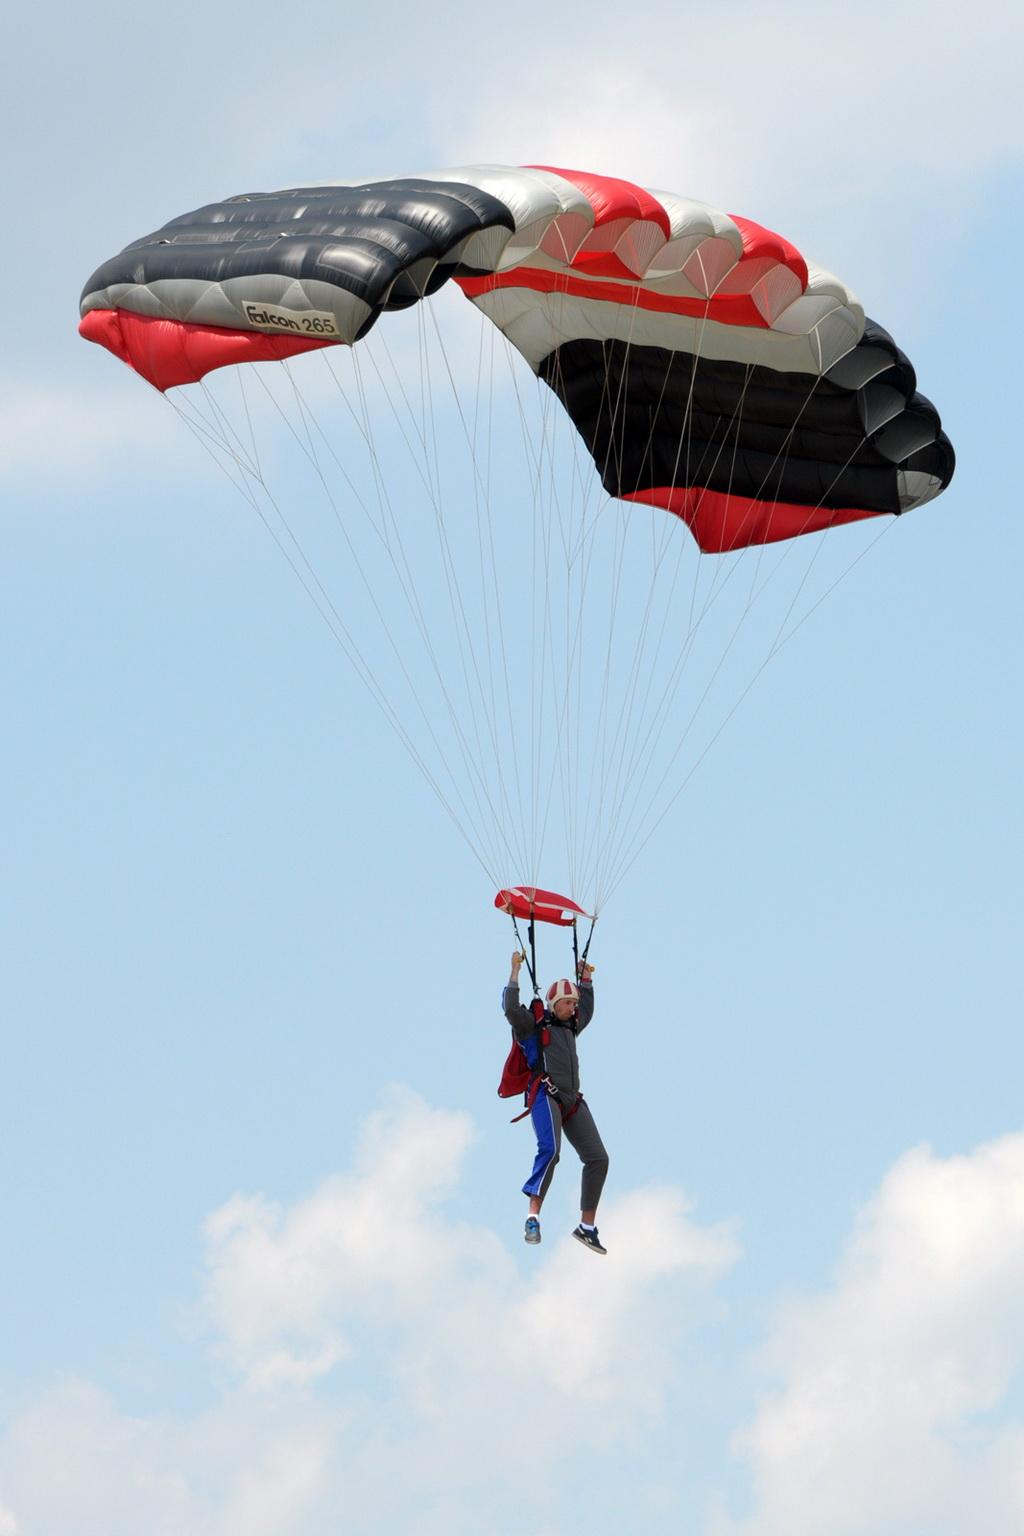 Fly-in @ Floreni - Mitingul cailor putere - Poze 7677961432_4c3f2541e1_o